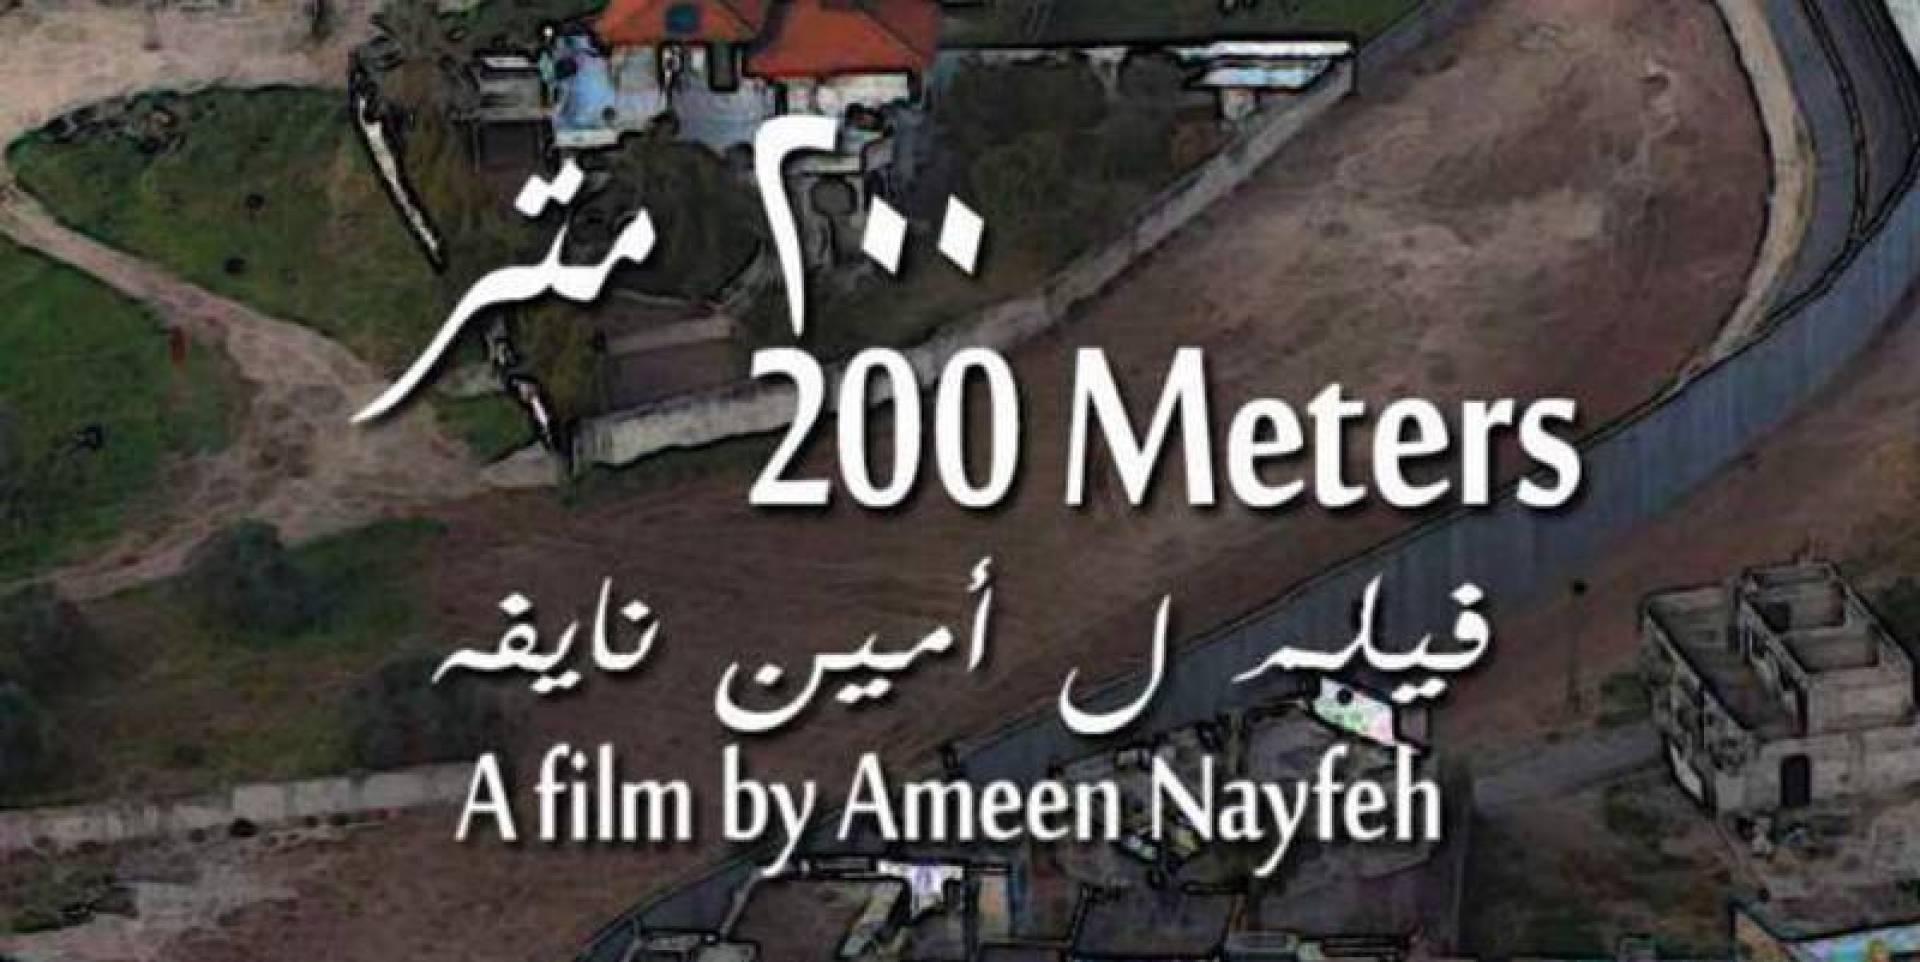 «200 متر» الأردني ينافس على الأوسكار